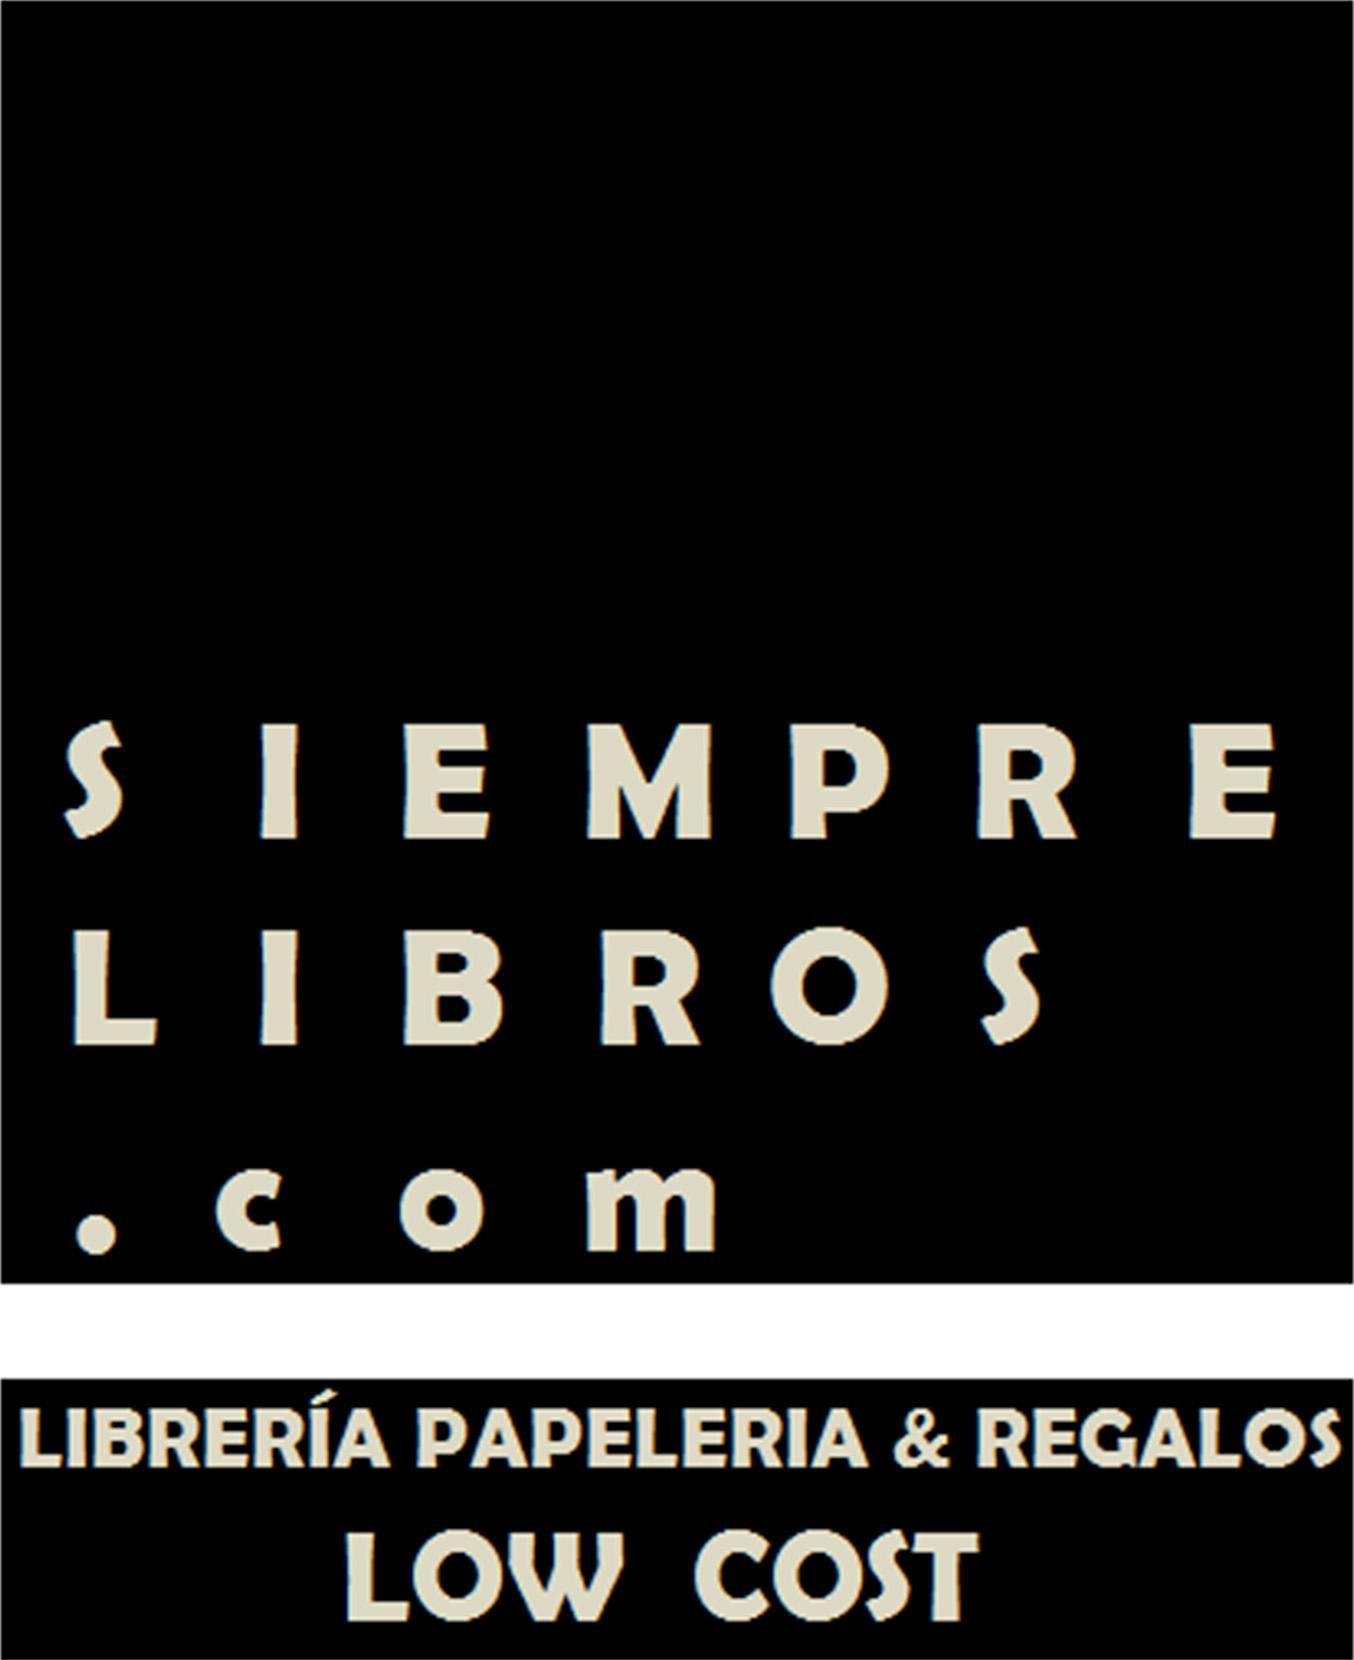 Logo SiempreLibros.com ? Librería, papelería y regalos low cost ? Libros baratos online